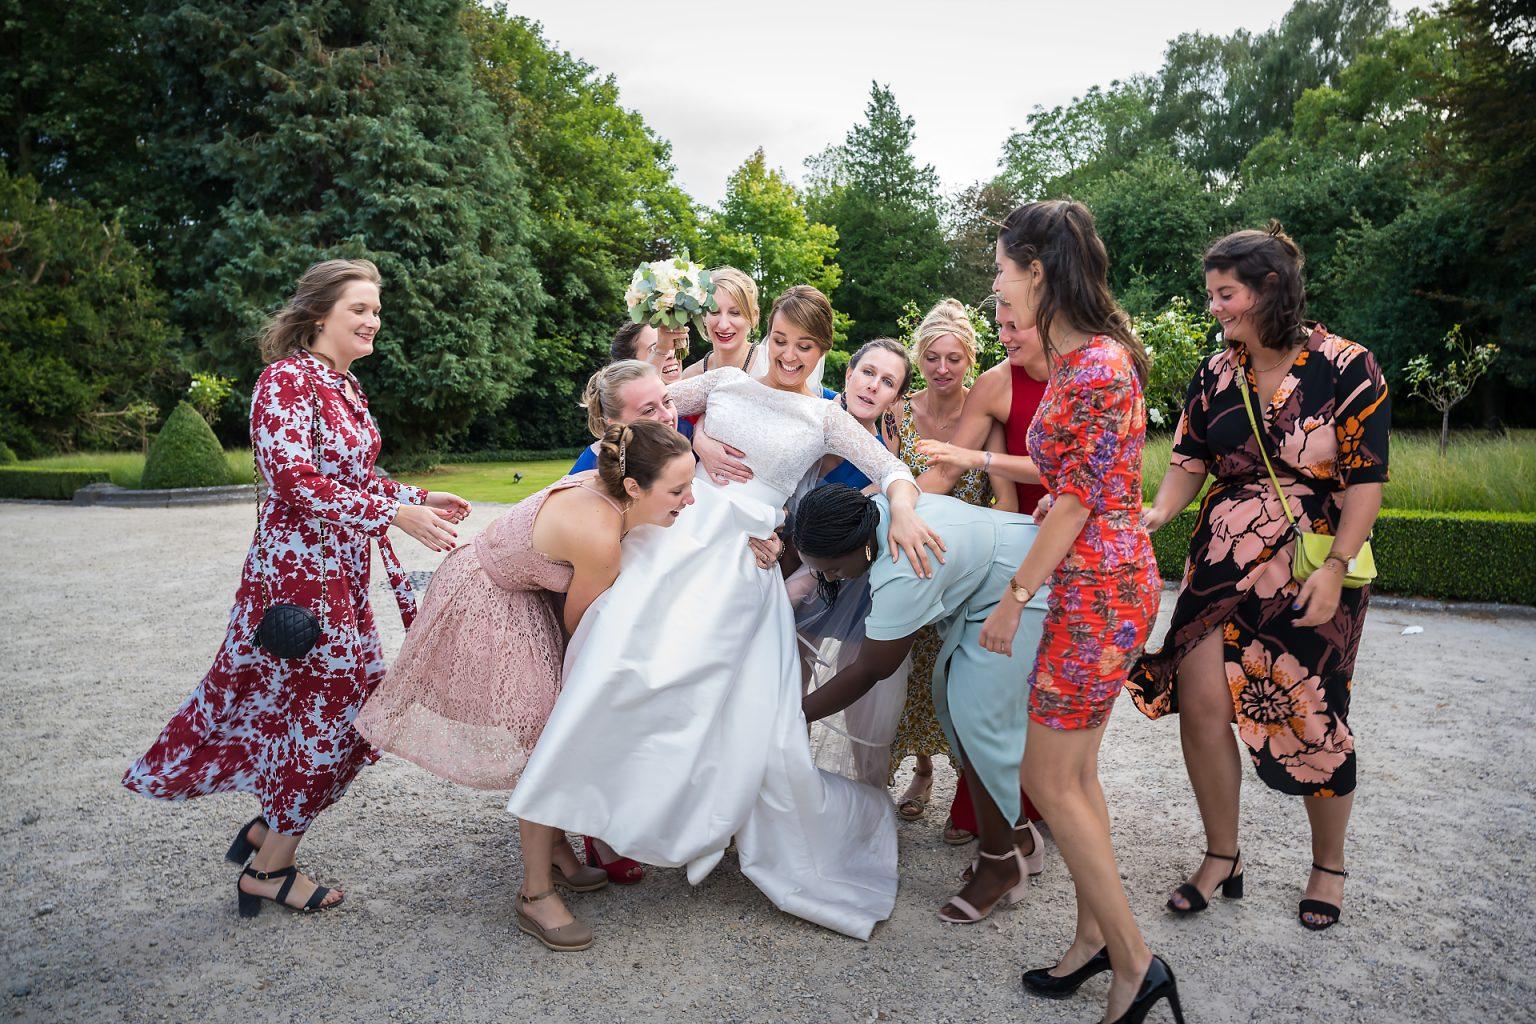 La mariée et ses amies, mariage d'Hortense et Jean-Louis, par Aurore Delsoir photographie